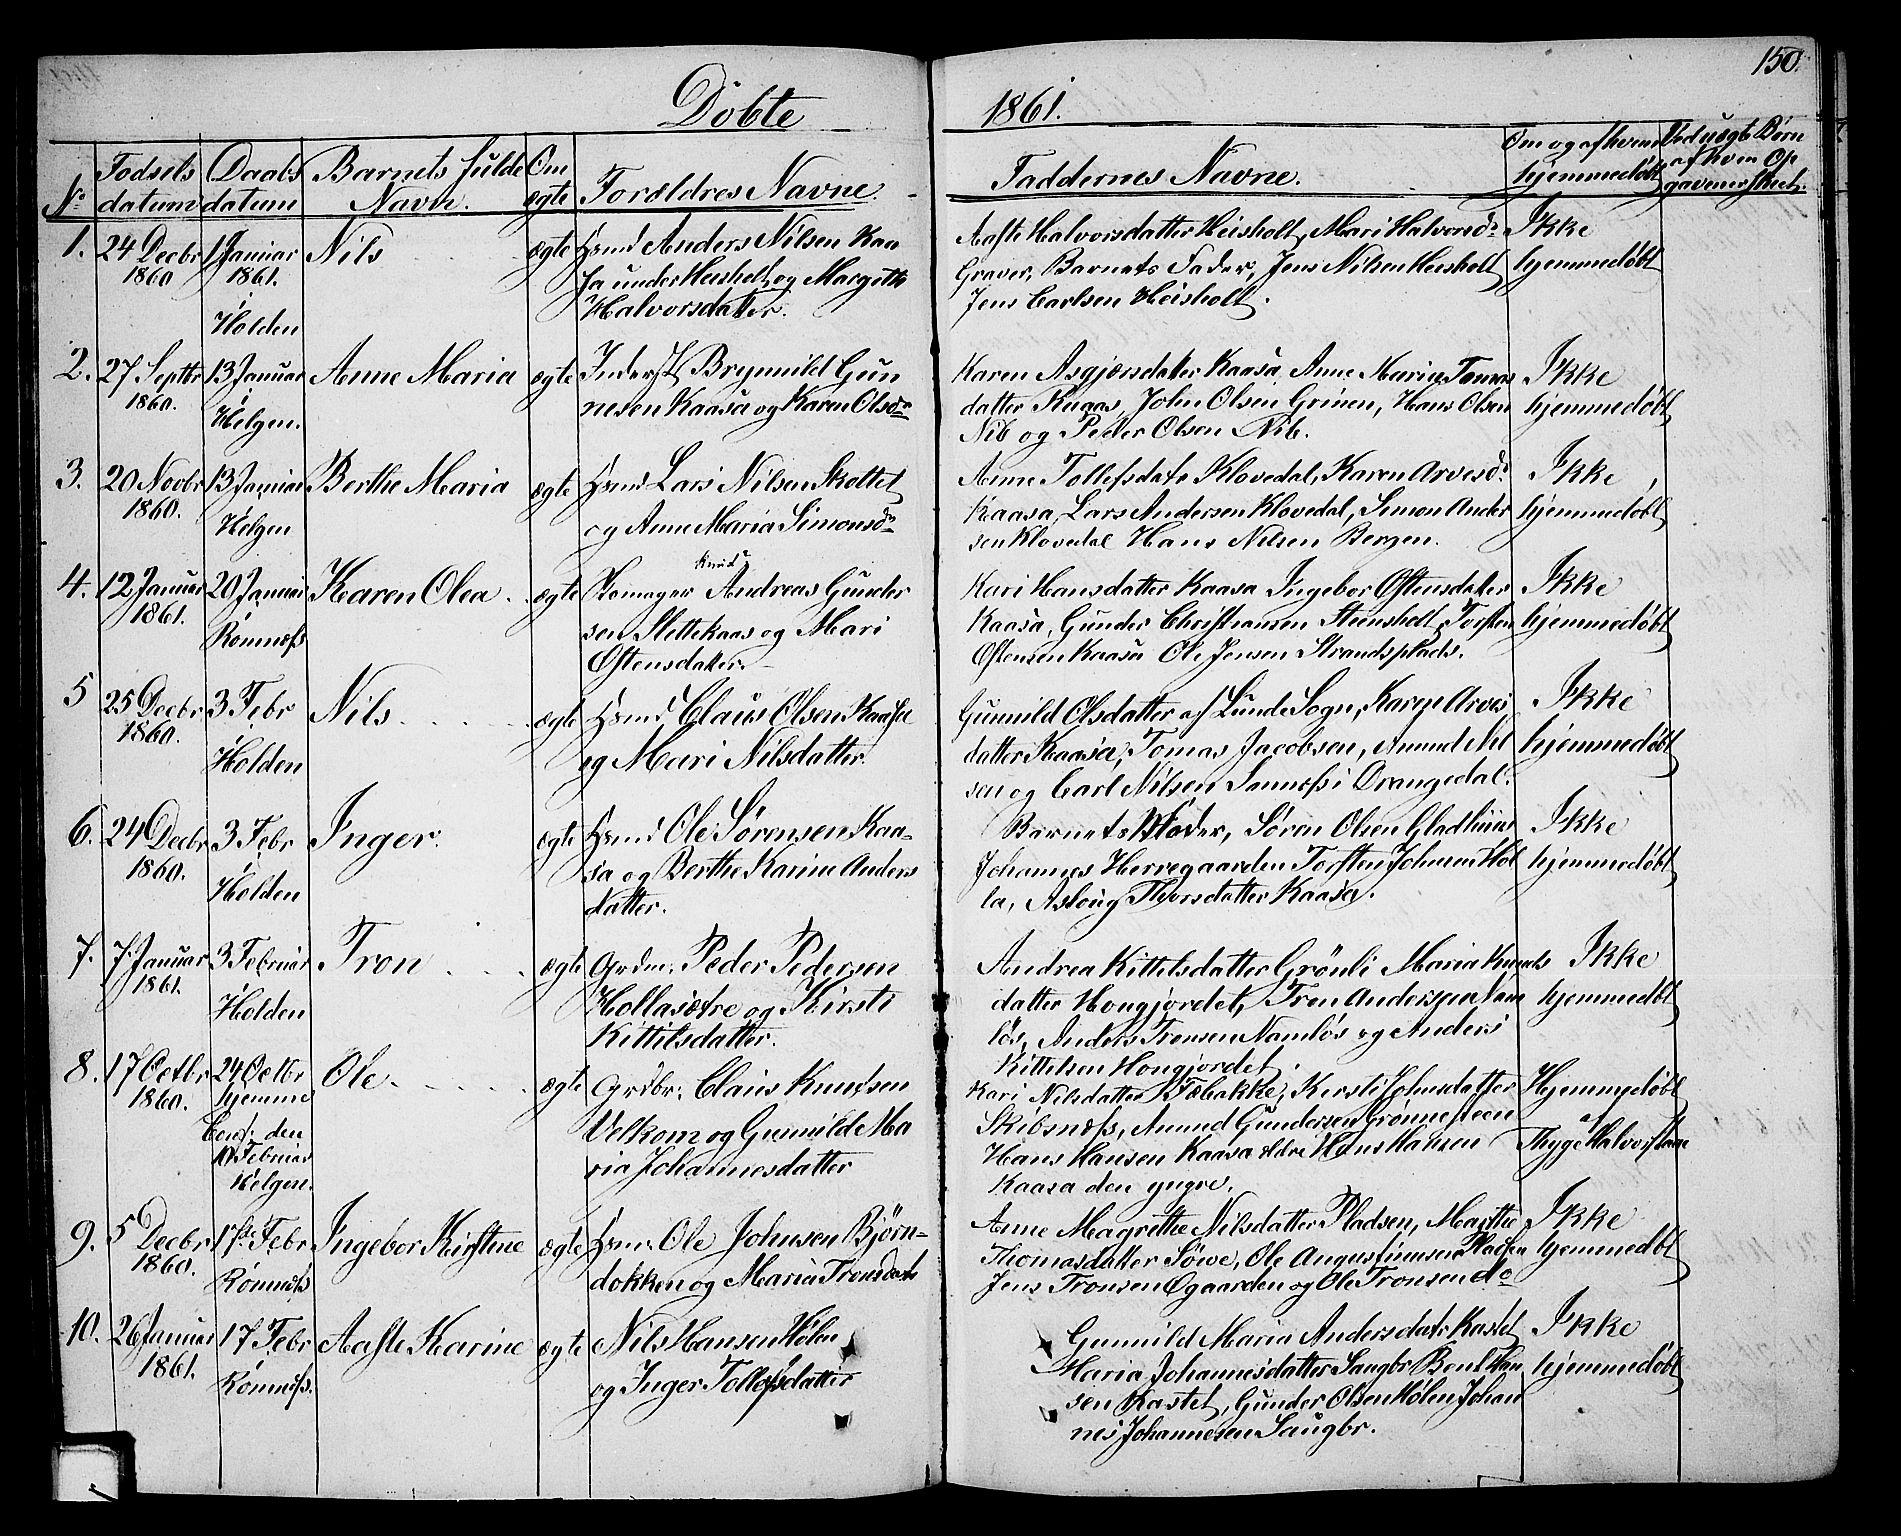 SAKO, Holla kirkebøker, G/Ga/L0003: Klokkerbok nr. I 3, 1849-1866, s. 150